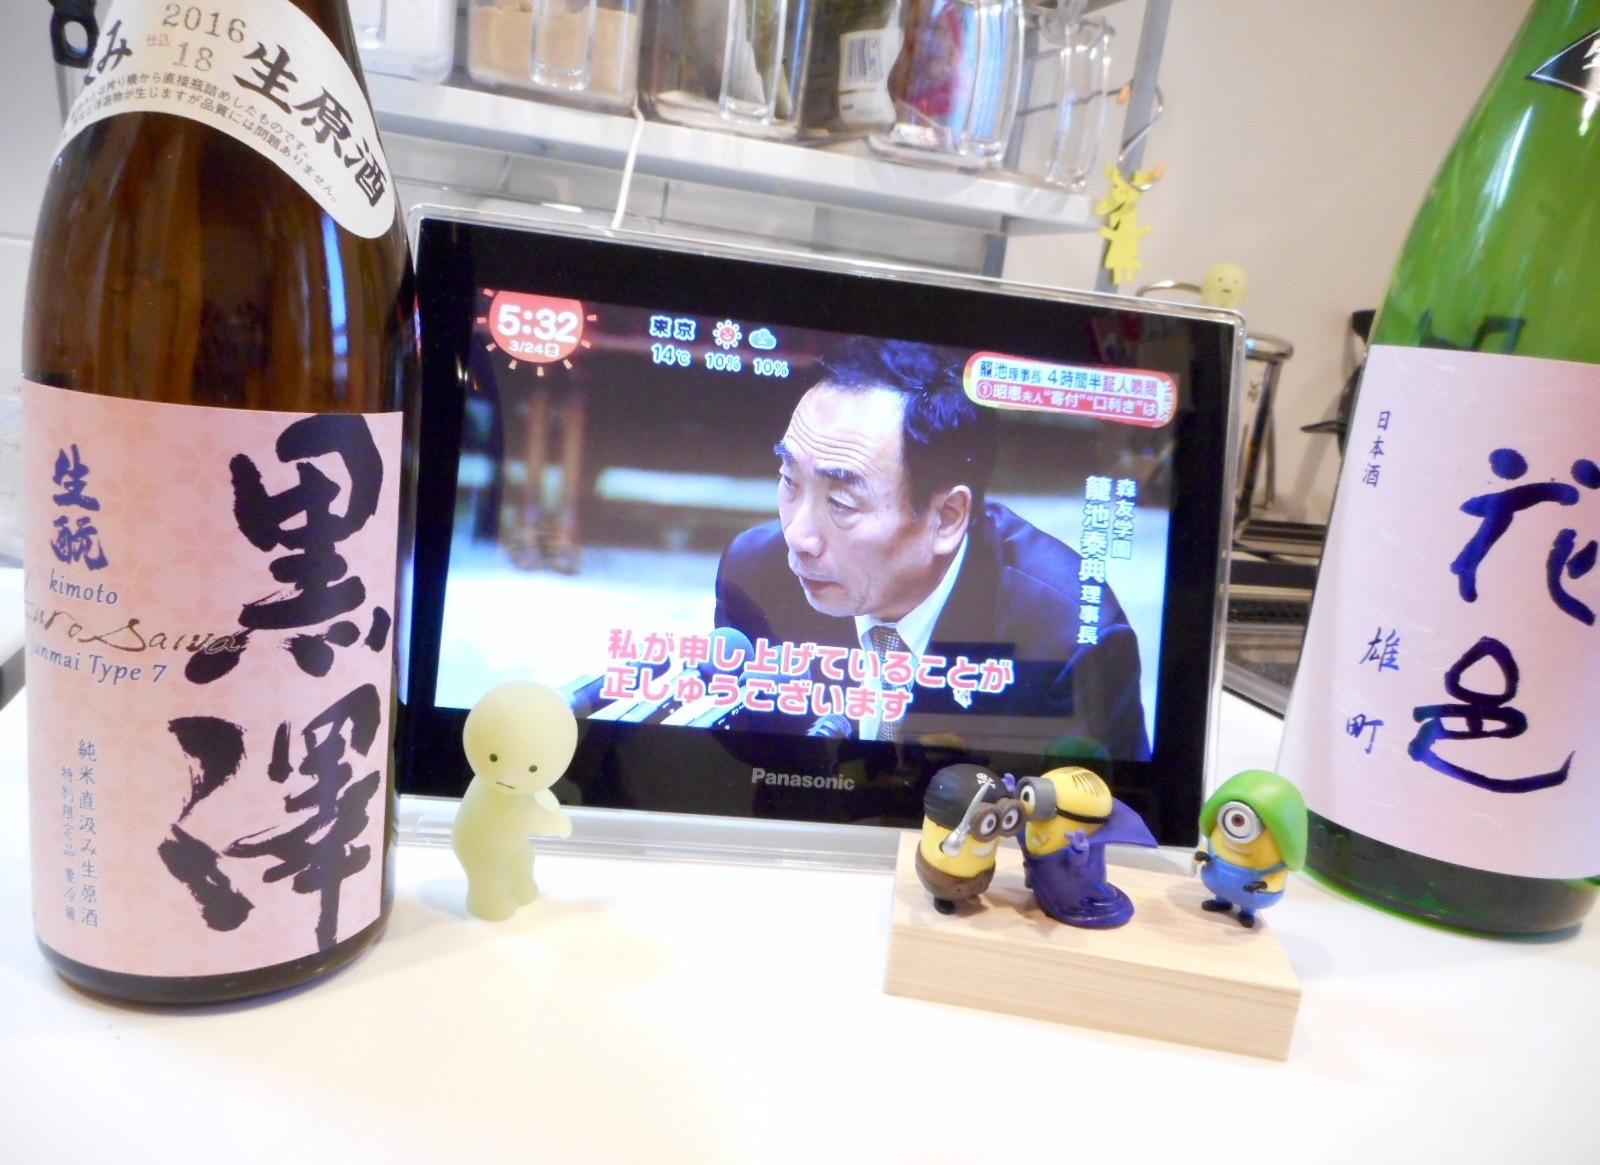 kurosawa_type7_28by1.jpg